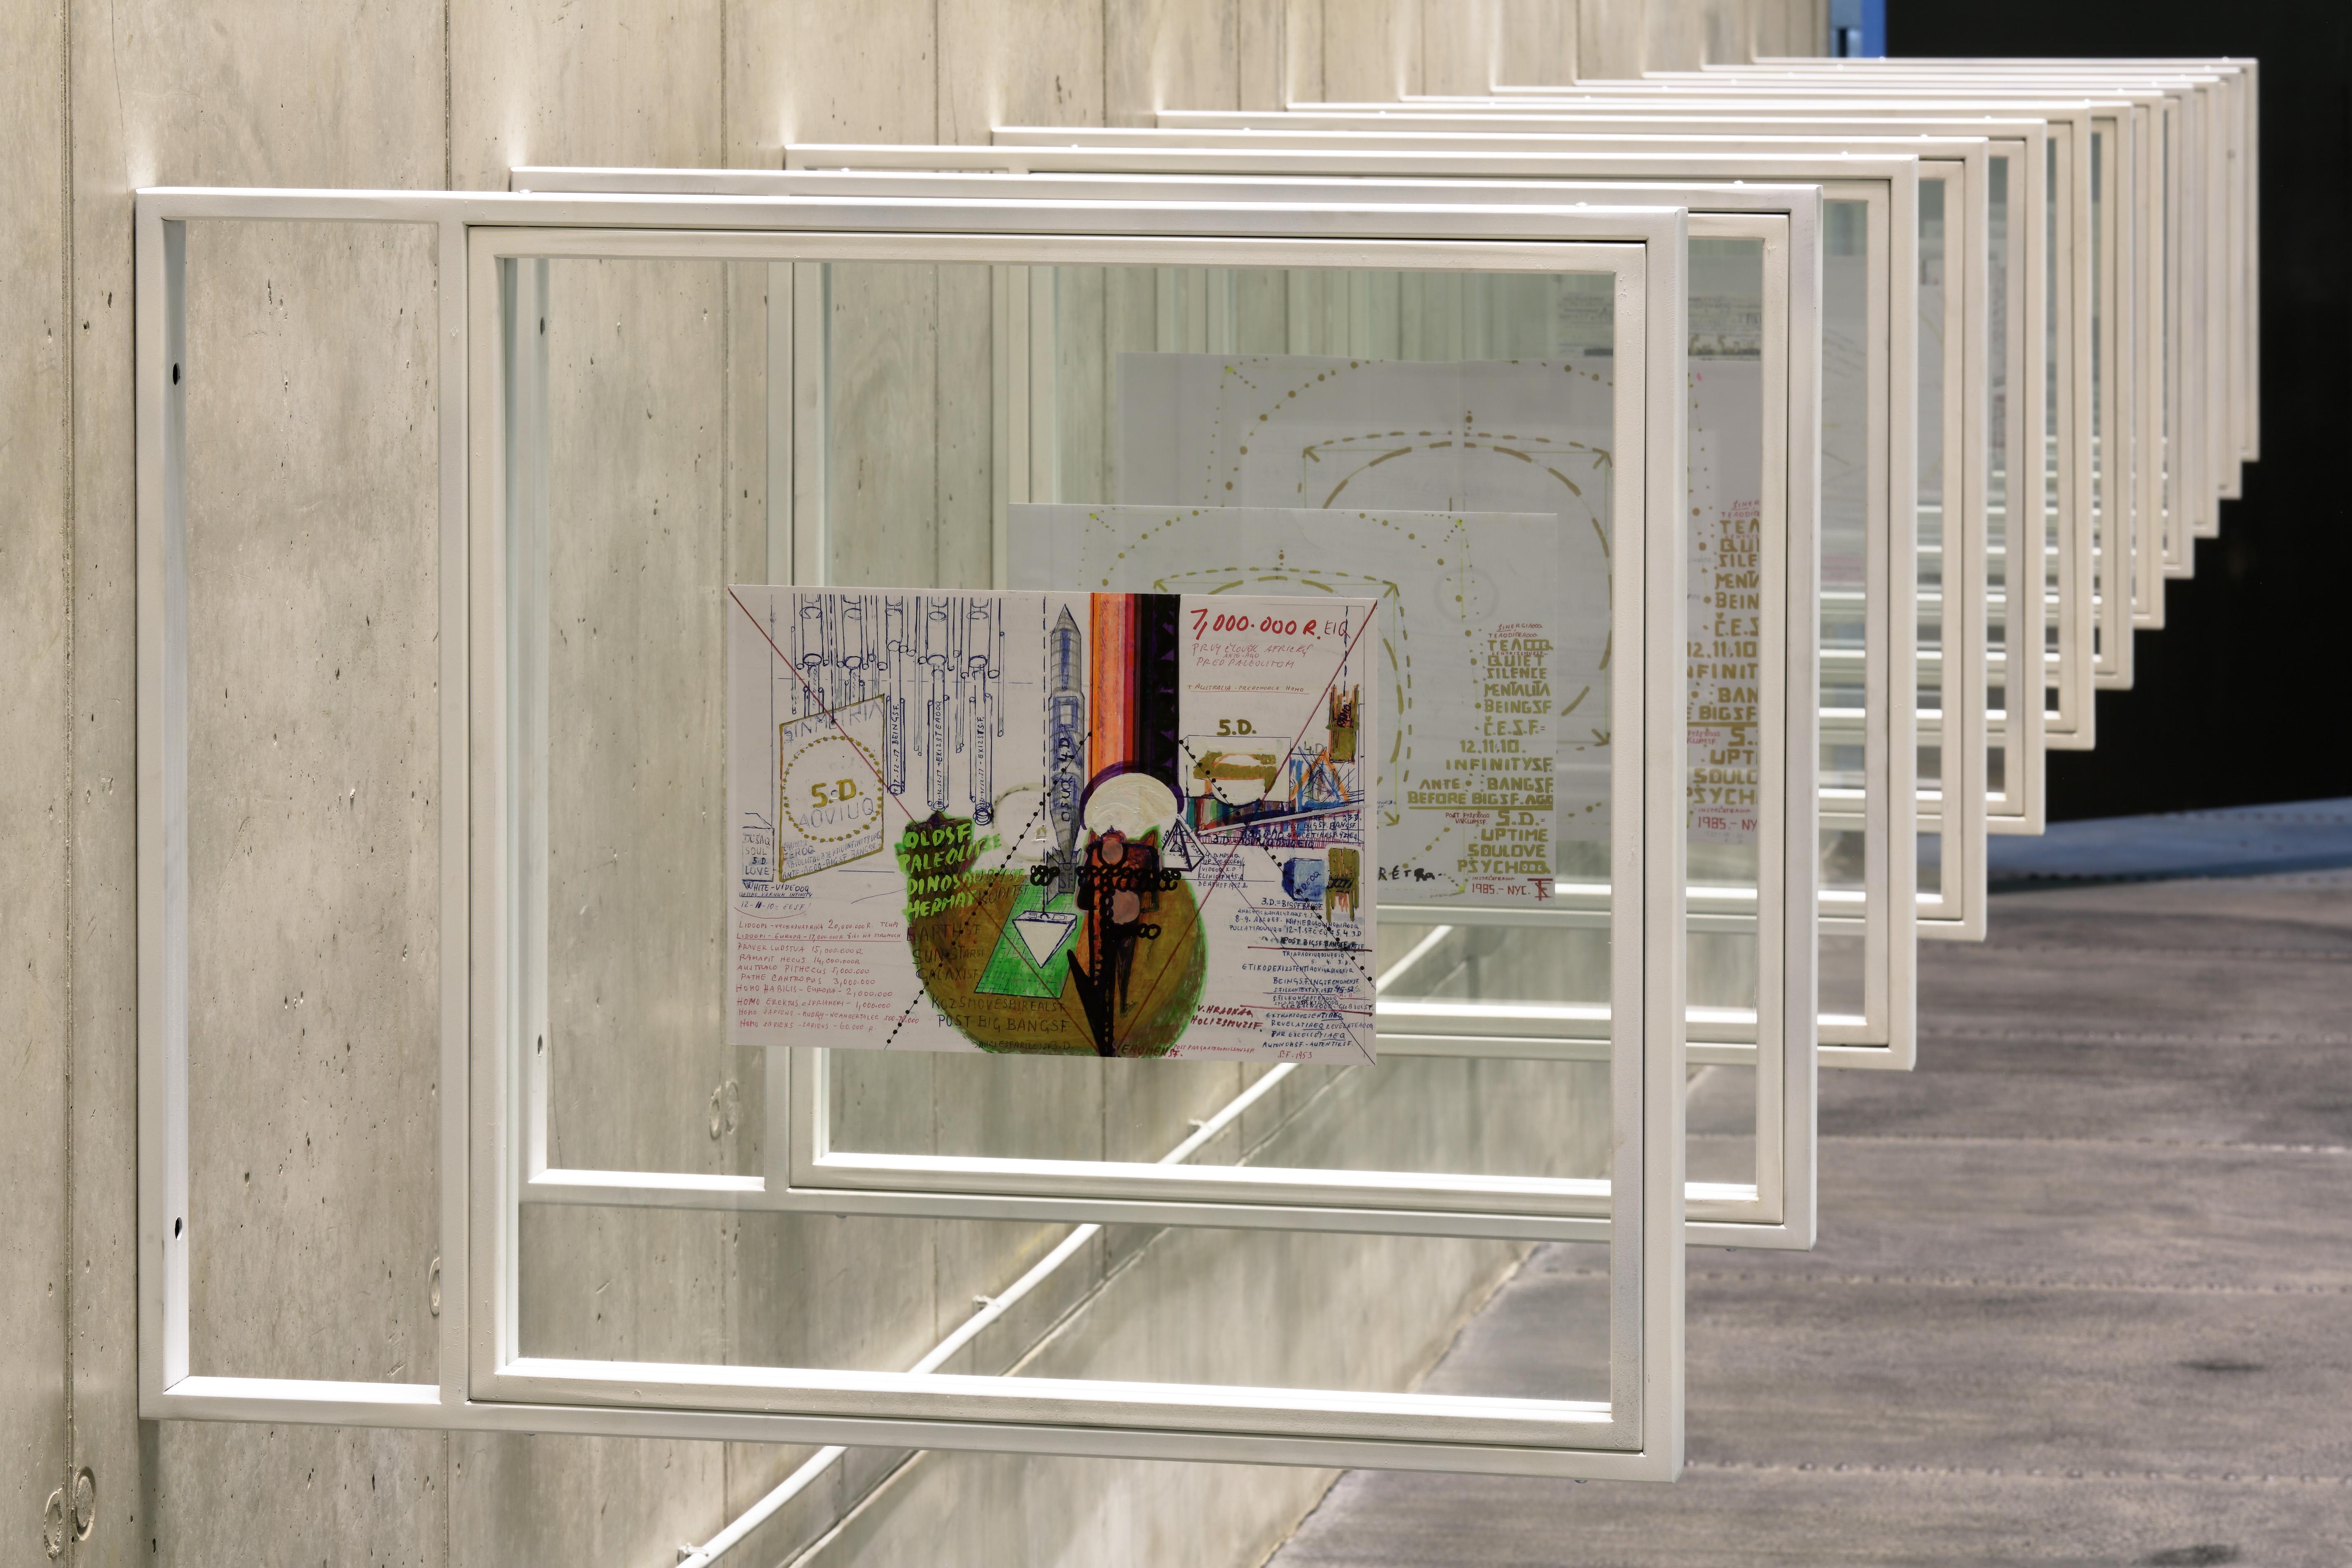 rysunki dointalacji 5.D. - ABSOLUTOBJEKTIVINFINITYUPTIMEQ ( AOIUQ ) , około roku 2005, technika mieszana napapierze , 29,5 x 42 cm , Linea Collection